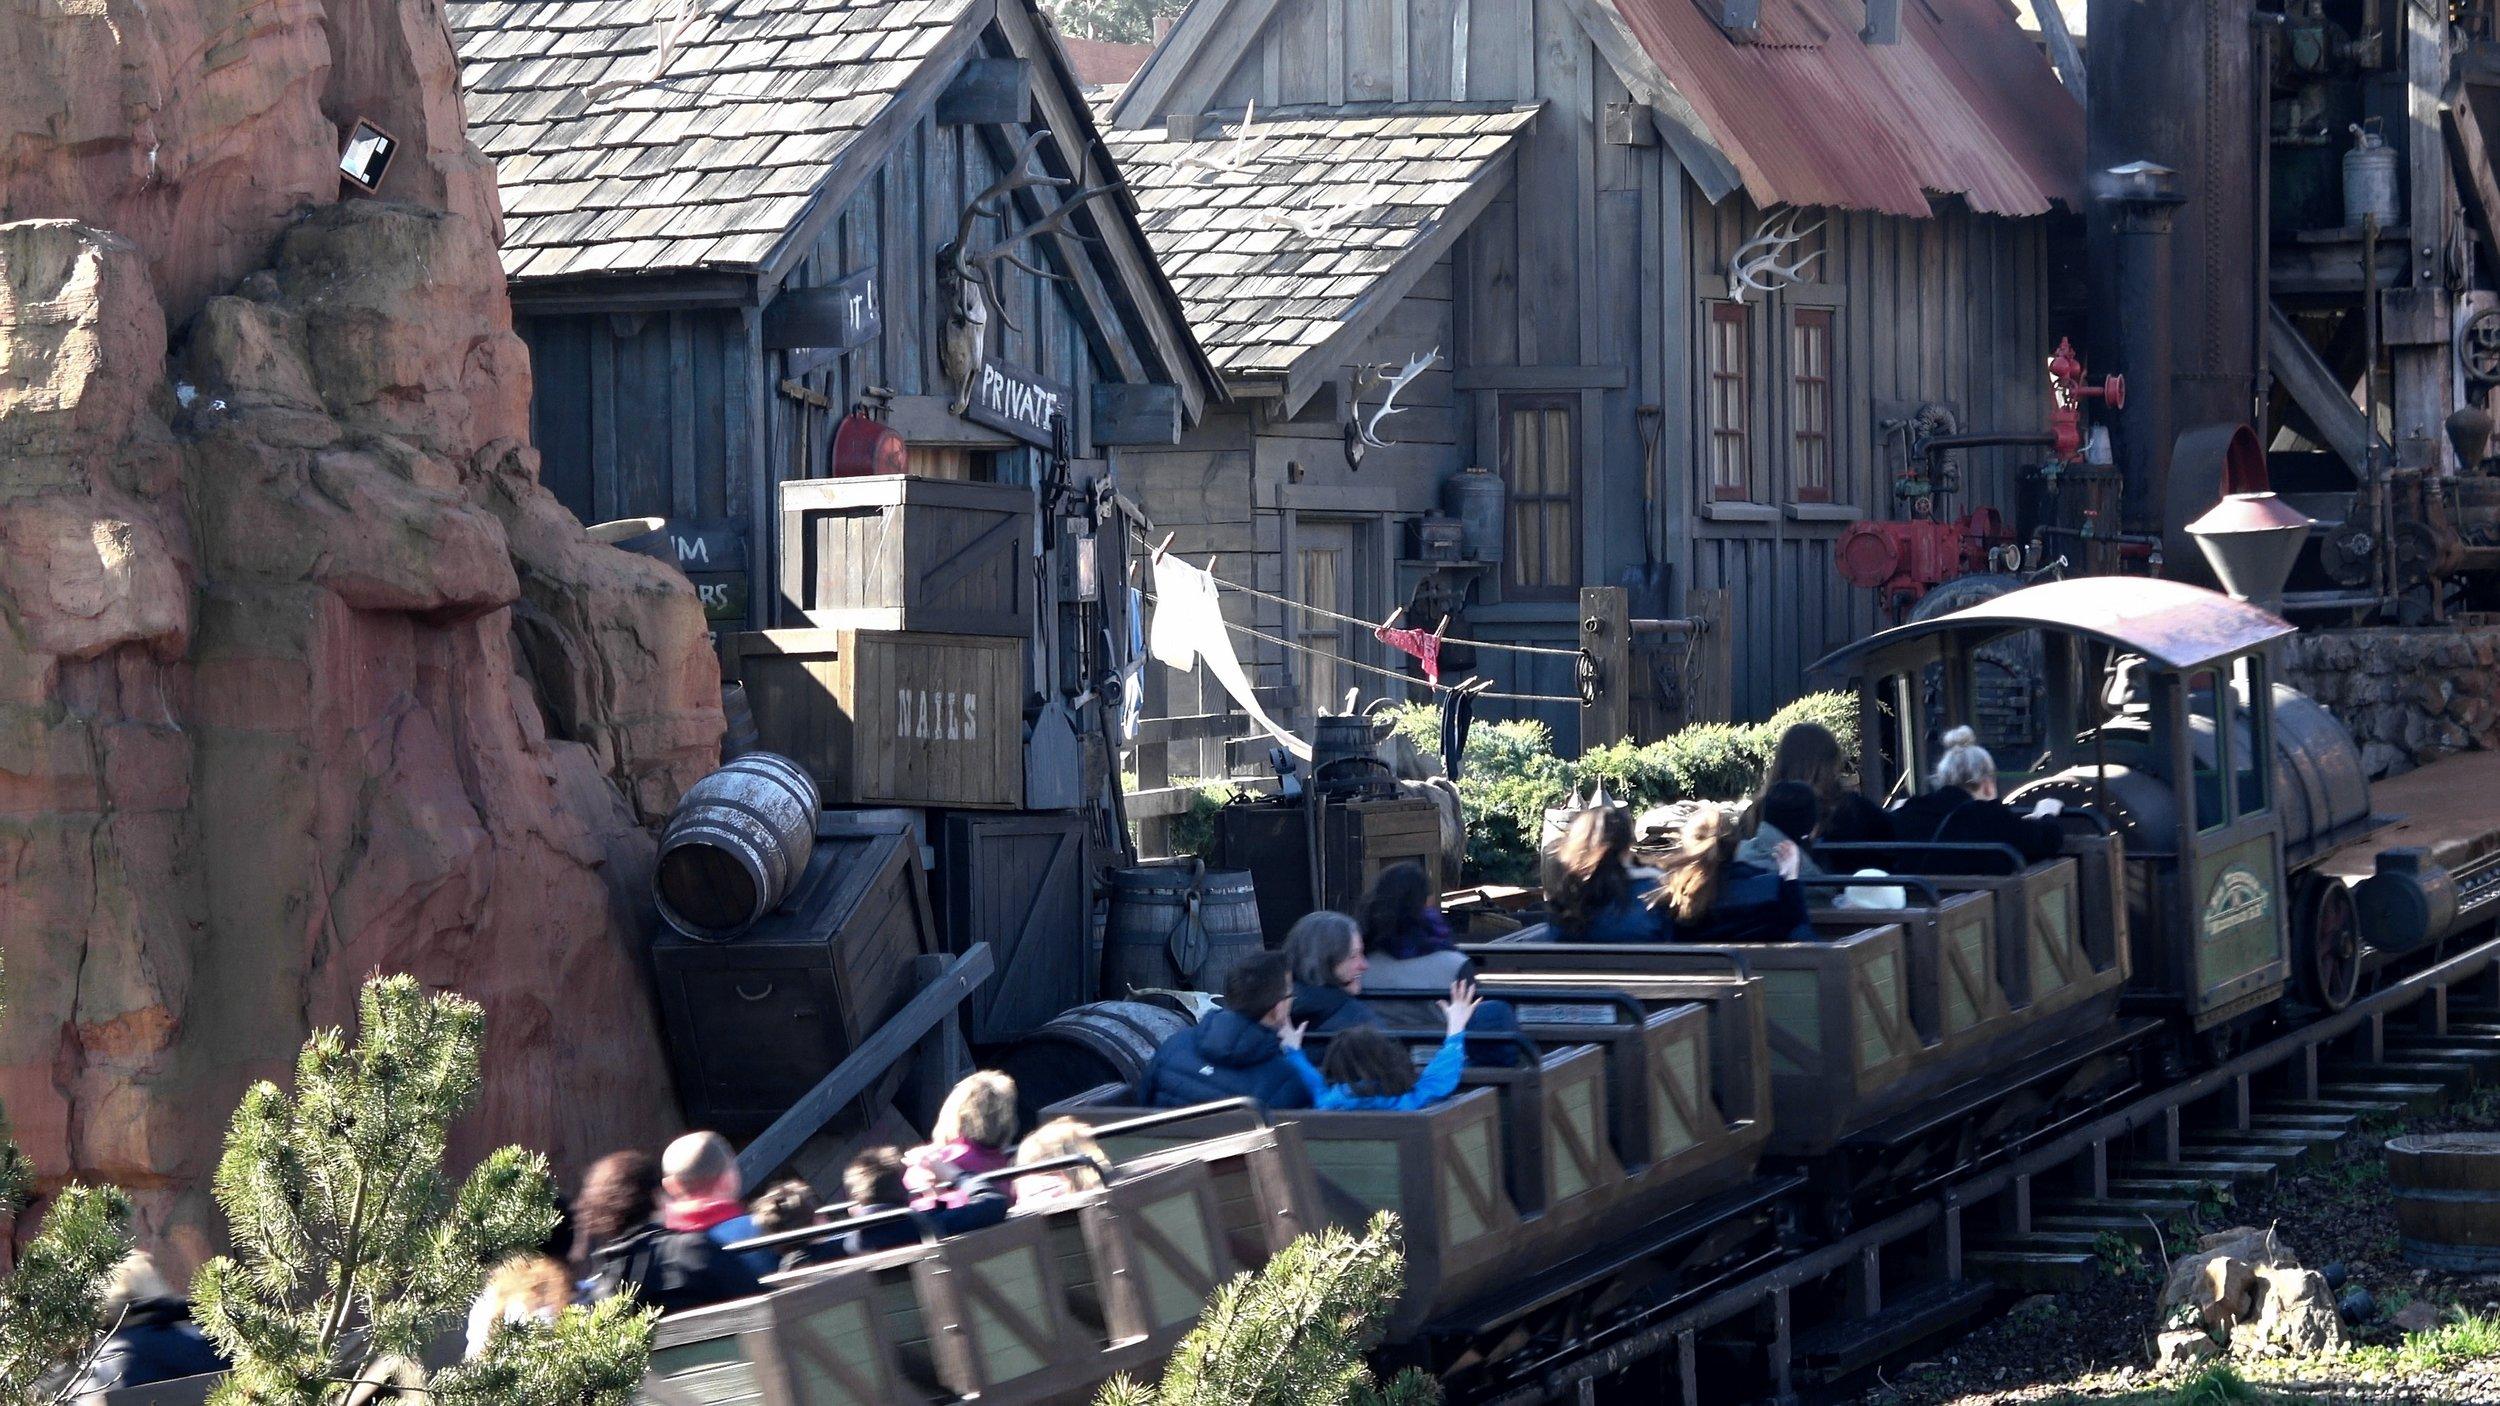 The Wildest Ride in the Wilderness Big Thunder Mountain at Disneyland Paris.jpg